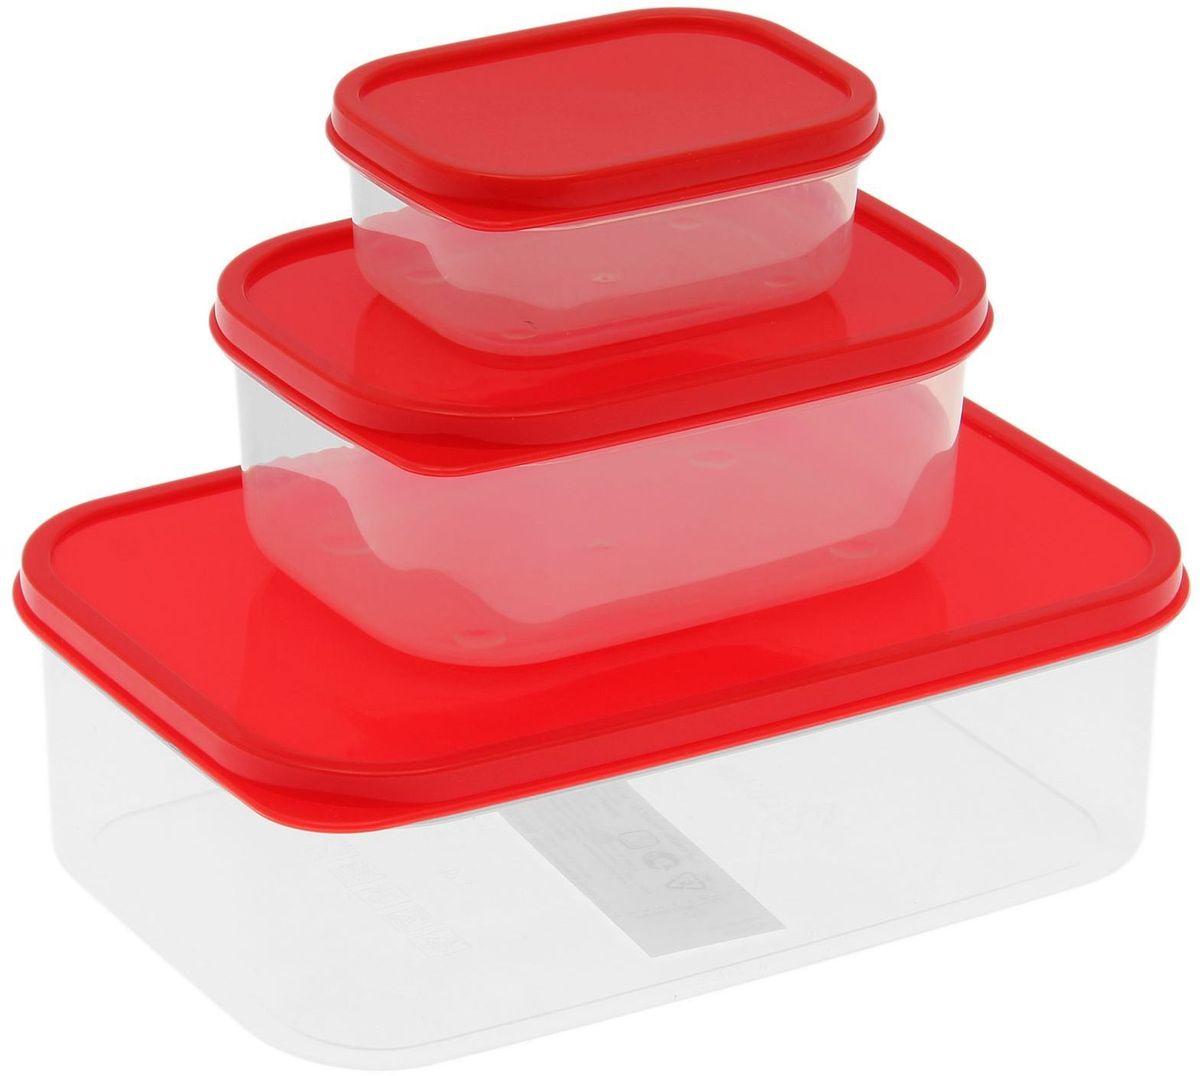 Набор пищевых контейнеров Доляна, цвет: красный, 3 штVT-1520(SR)Если после вкусного обеда осталась еда, а насладиться трапезой хочется и на следующий день, ланч-бокс станет отличным решением данной проблемы!Такой контейнер является незаменимым предметом кухонной утвари, ведь у него много преимуществ:Простота ухода. Ланч-бокс достаточно промыть тёплой водой с небольшим количеством чистящего средства, и он снова готов к использованию.Вместительность. Большой выбор форм и объёма поможет разместить разнообразные продукты от сахара до супов.Эргономичность. Ланч-боксы очень легко хранить даже в самой маленькой кухне, так как их можно поставить один в другой по принципу матрёшки.Многофункциональность. Разнообразие цветов и форм делает возможным использование контейнеров не только на кухне, но и в других областях домашнего быта.Любители приготовления обеда на всю семью в большинстве случаев приобретают ланч-боксы наборами, так как это позволяет рассортировать продукты по всевозможным признакам. К тому же контейнеры среднего размера станут незаменимыми помощниками на работе: ведь что может быть приятнее, чем порадовать себя во время обеда прекрасной едой, заботливо сохранённой в контейнере?В качестве материала для изготовления используется пластик, что делает процесс ухода за контейнером ещё более эффективным. К каждому ланч-боксу в комплекте также прилагается крышка подходящего размера, это позволяет плотно и надёжно удерживать запах еды и упрощает процесс транспортировки.Однако рекомендуется соблюдать и меры предосторожности: не использовать пластиковые контейнеры в духовых шкафах и на открытом огне, а также не разогревать в микроволновых печах при закрытой крышке ланч-бокса. Соблюдение мер безопасности позволит продлить срок эксплуатации и сохранить отличный внешний вид изделия.Эргономичный дизайн и многофункциональность таких контейнеров — вот, что является причиной большой популярности данного предмета у каждой хозяйки. А в преддверии лета и дачного сезона такое приобре